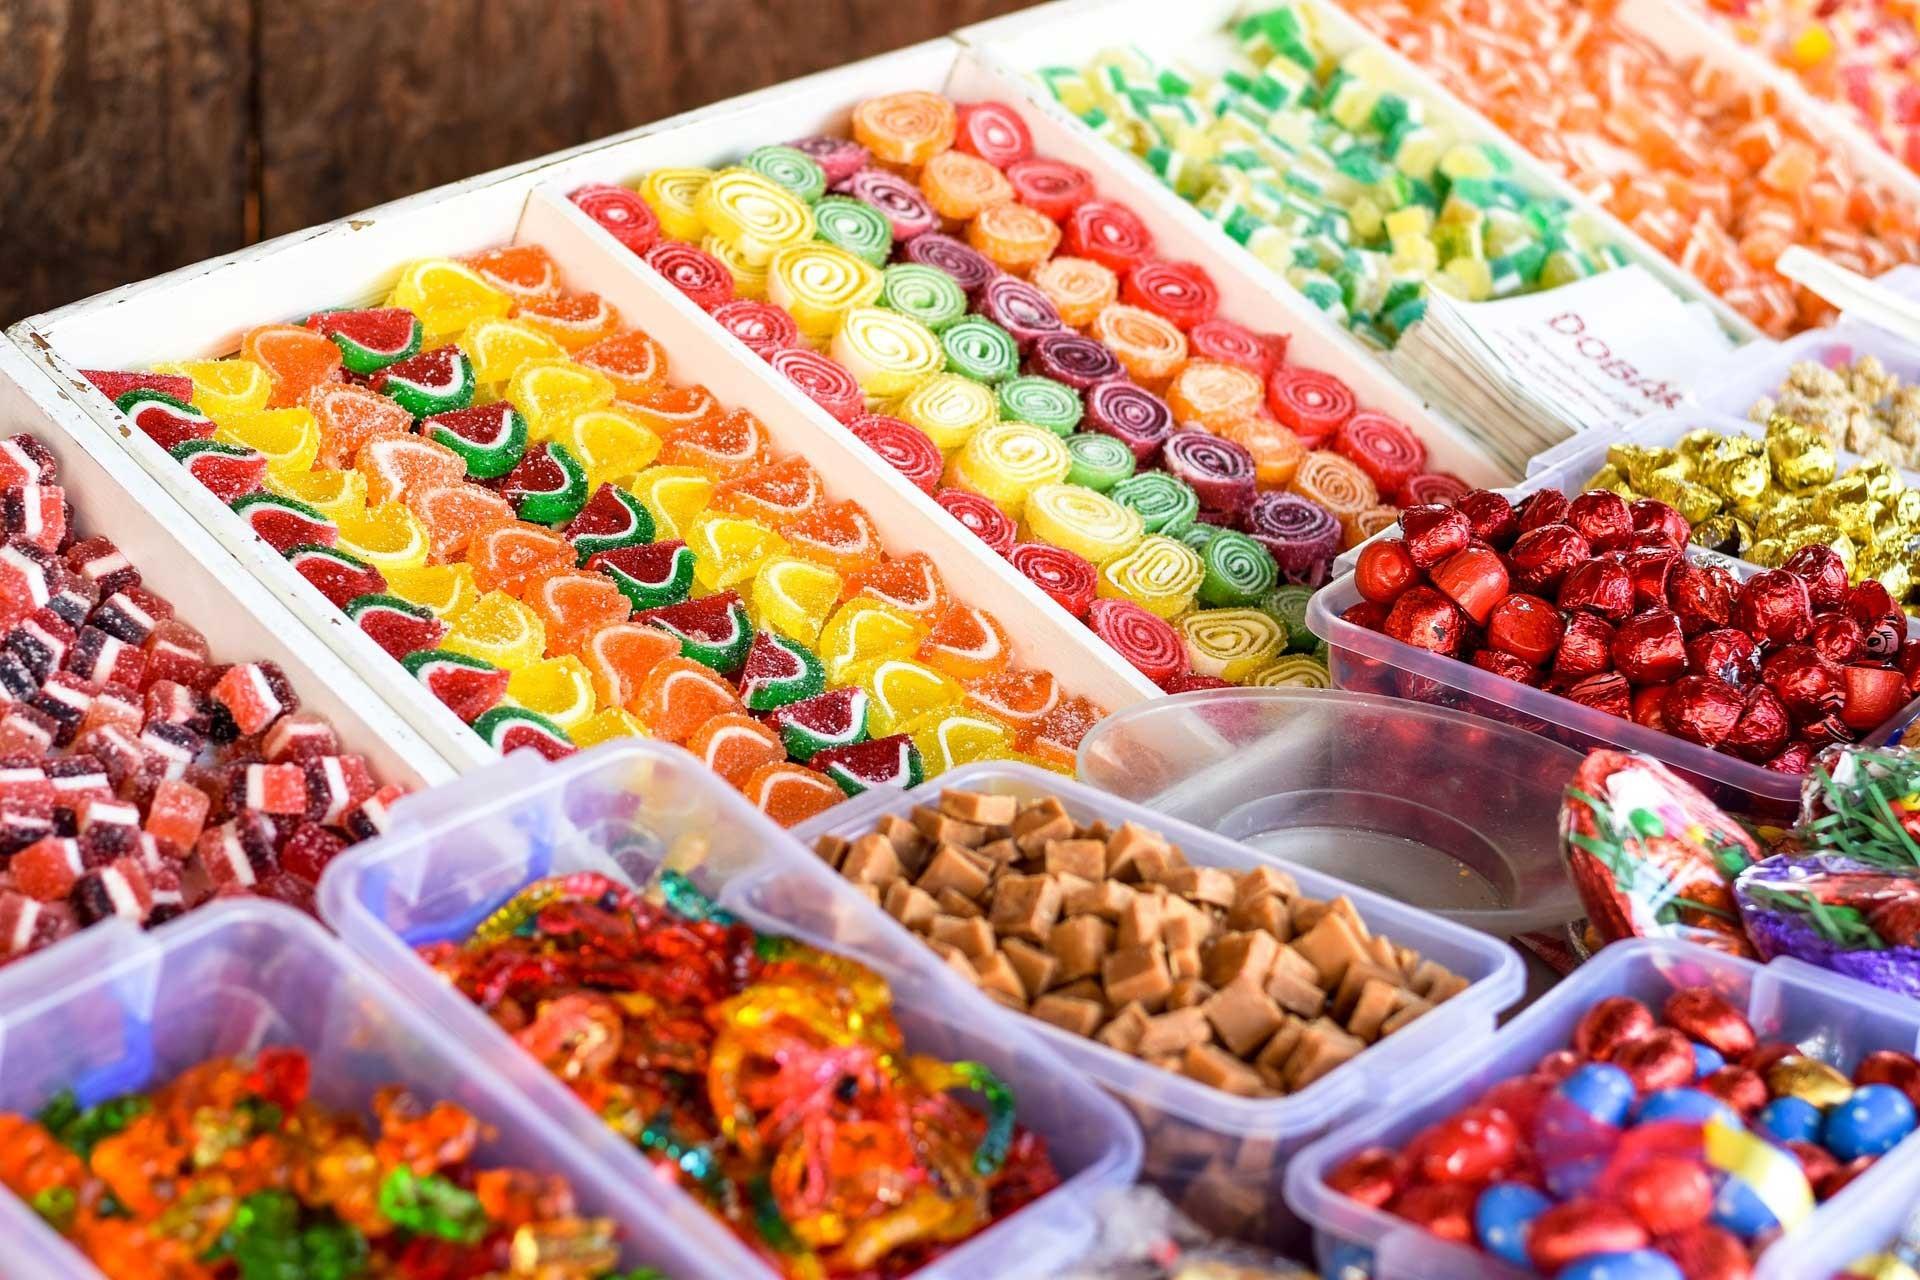 Şeker, lokum, çikolata, baklava fiyatları bir yılda ikiye katladı